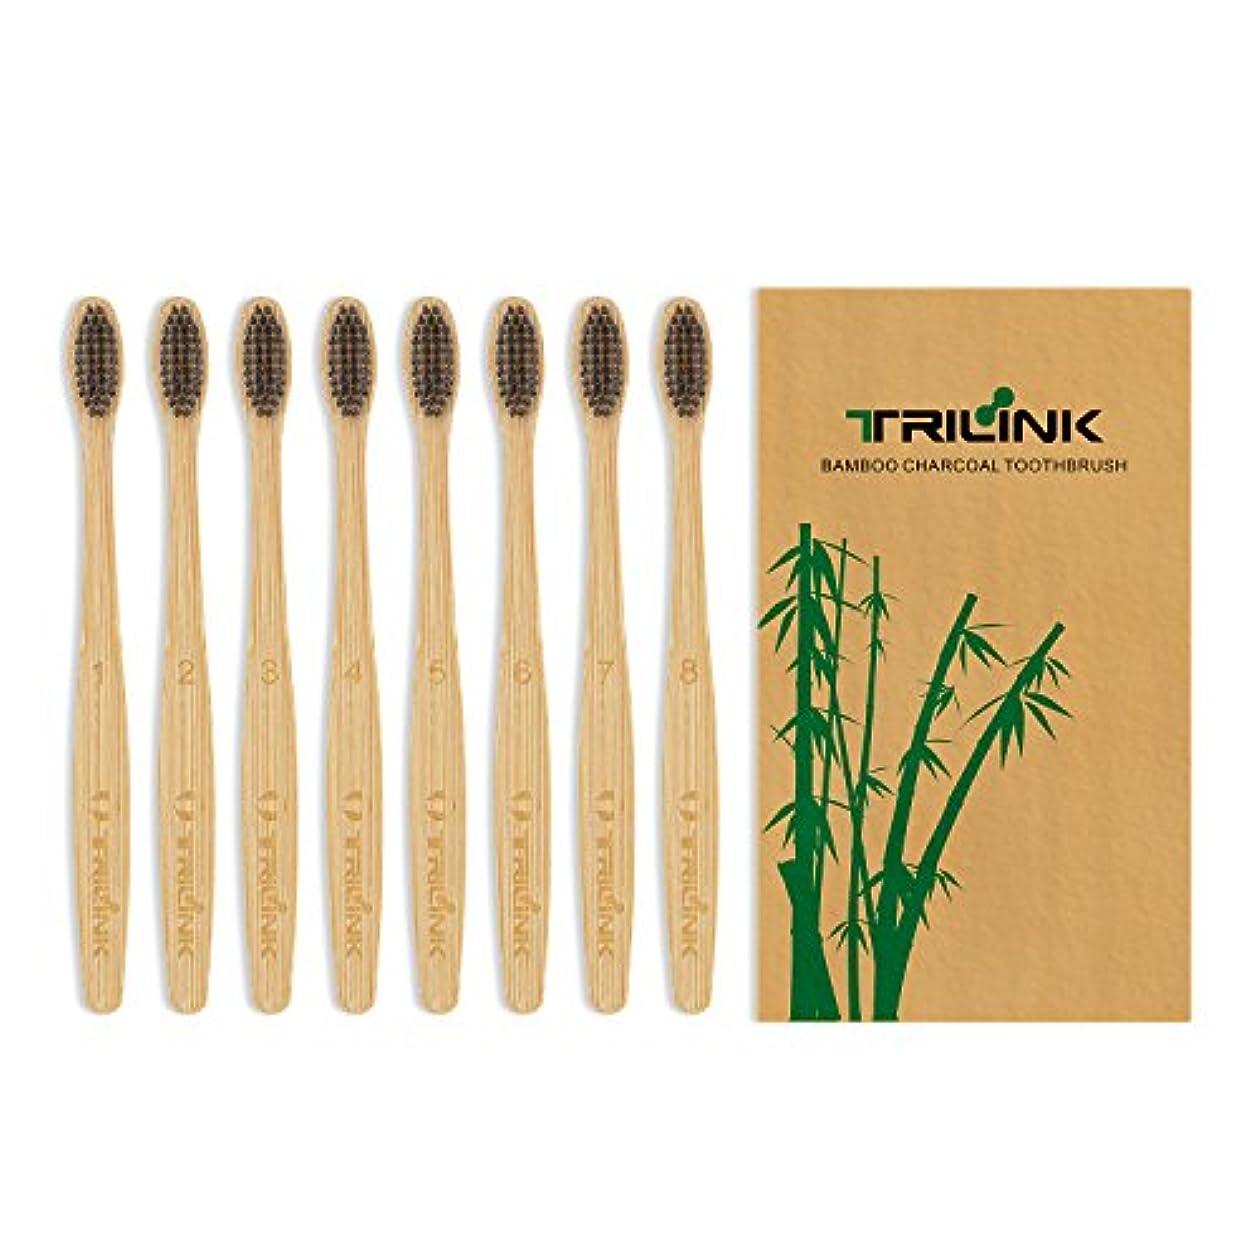 屈辱するはしごワイン大人用竹の歯ブラシ(8本) 環境保護 天然の柔らかい ハブラシ【 活性炭を注入】